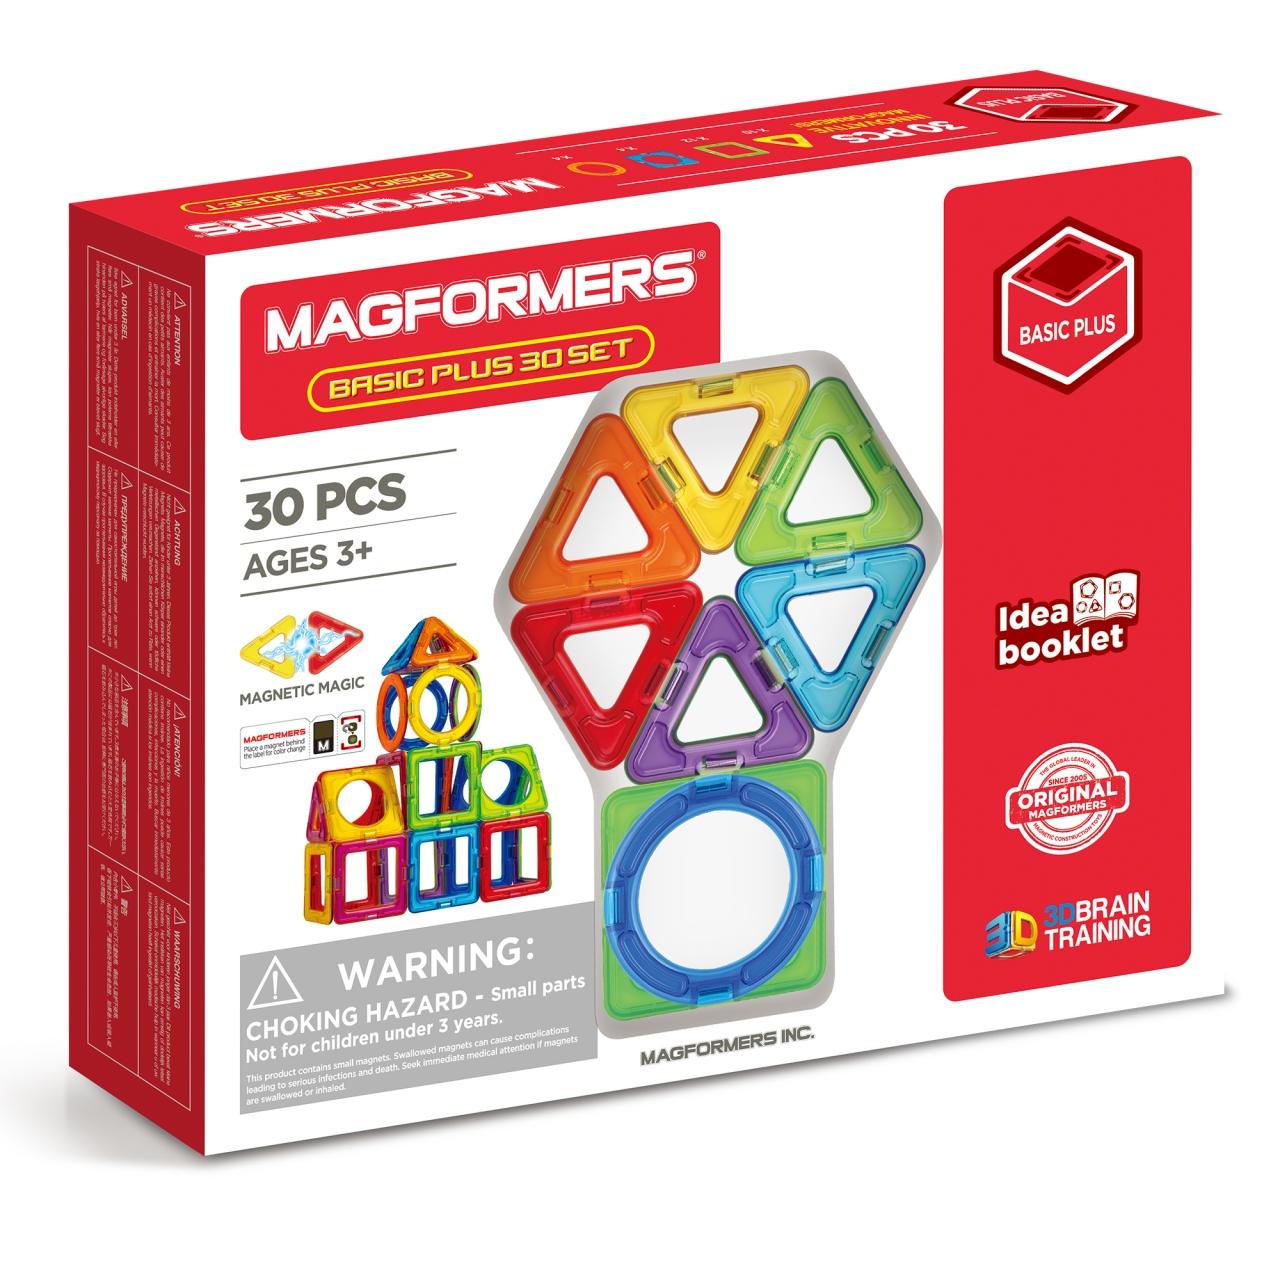 Конструктор магнитный Магформерс 30 дет. Basic Plus